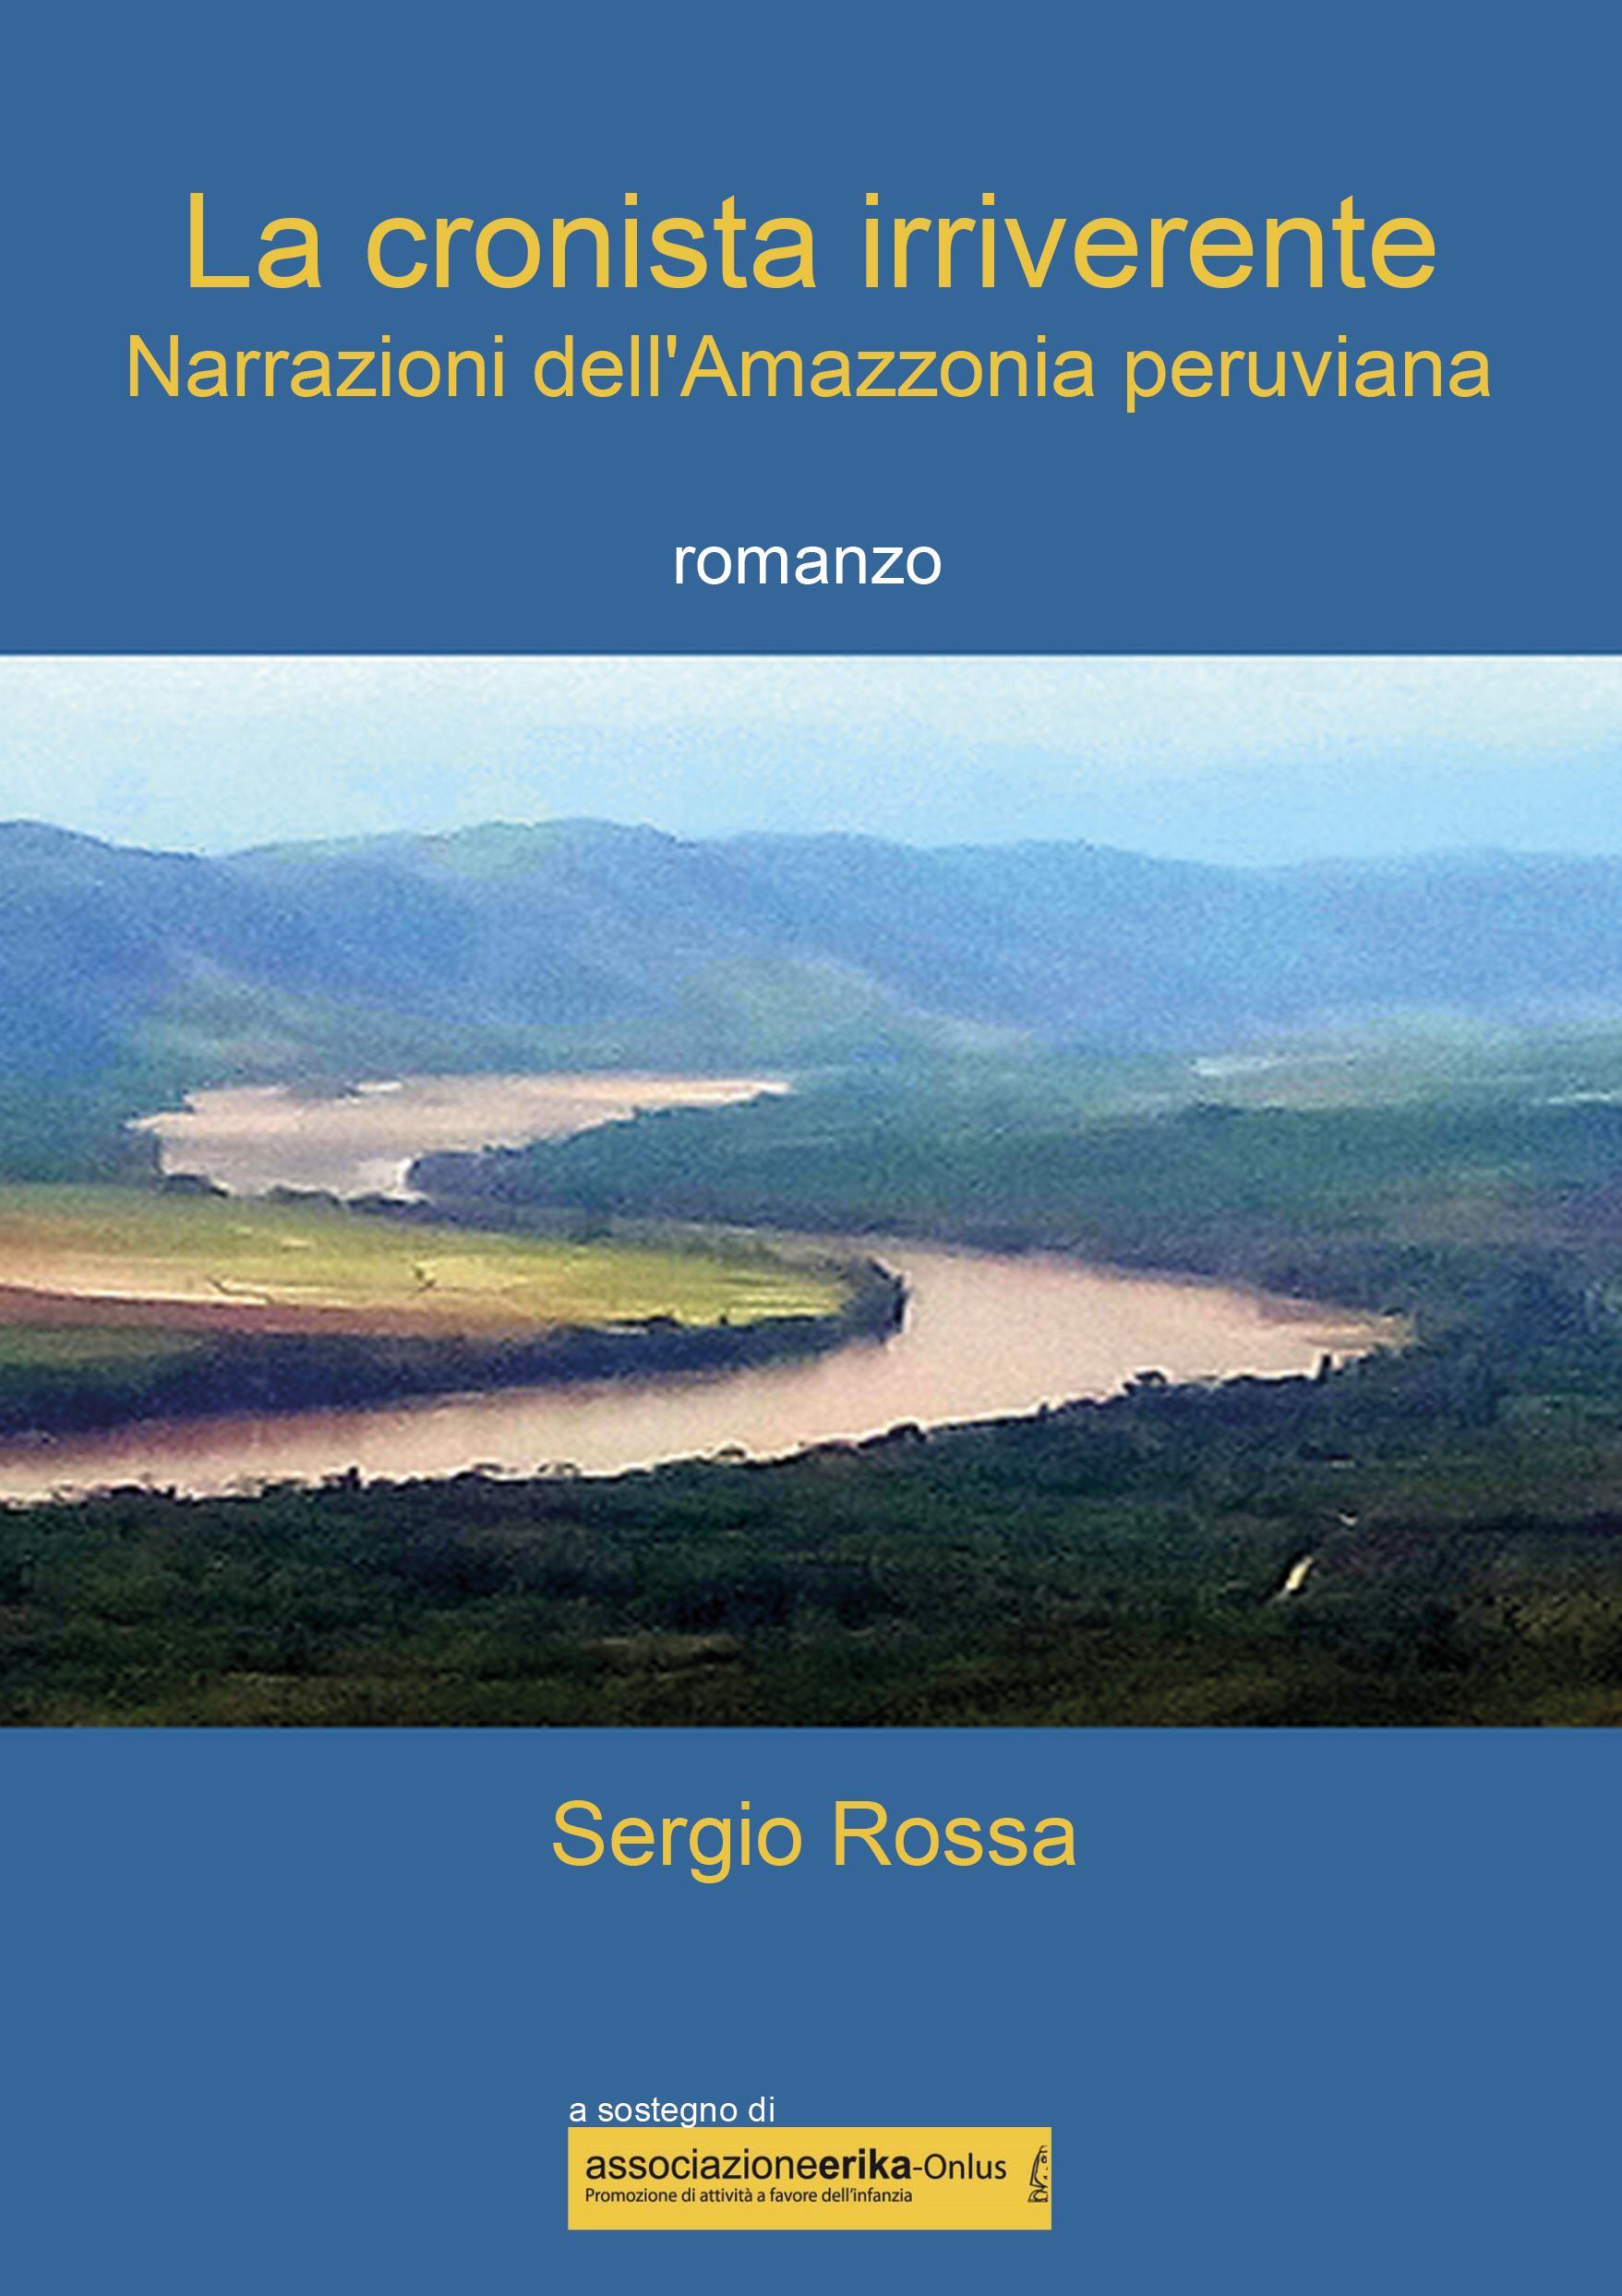 La cronista irriverente - Narrazioni dell'Amazzonia peruviana